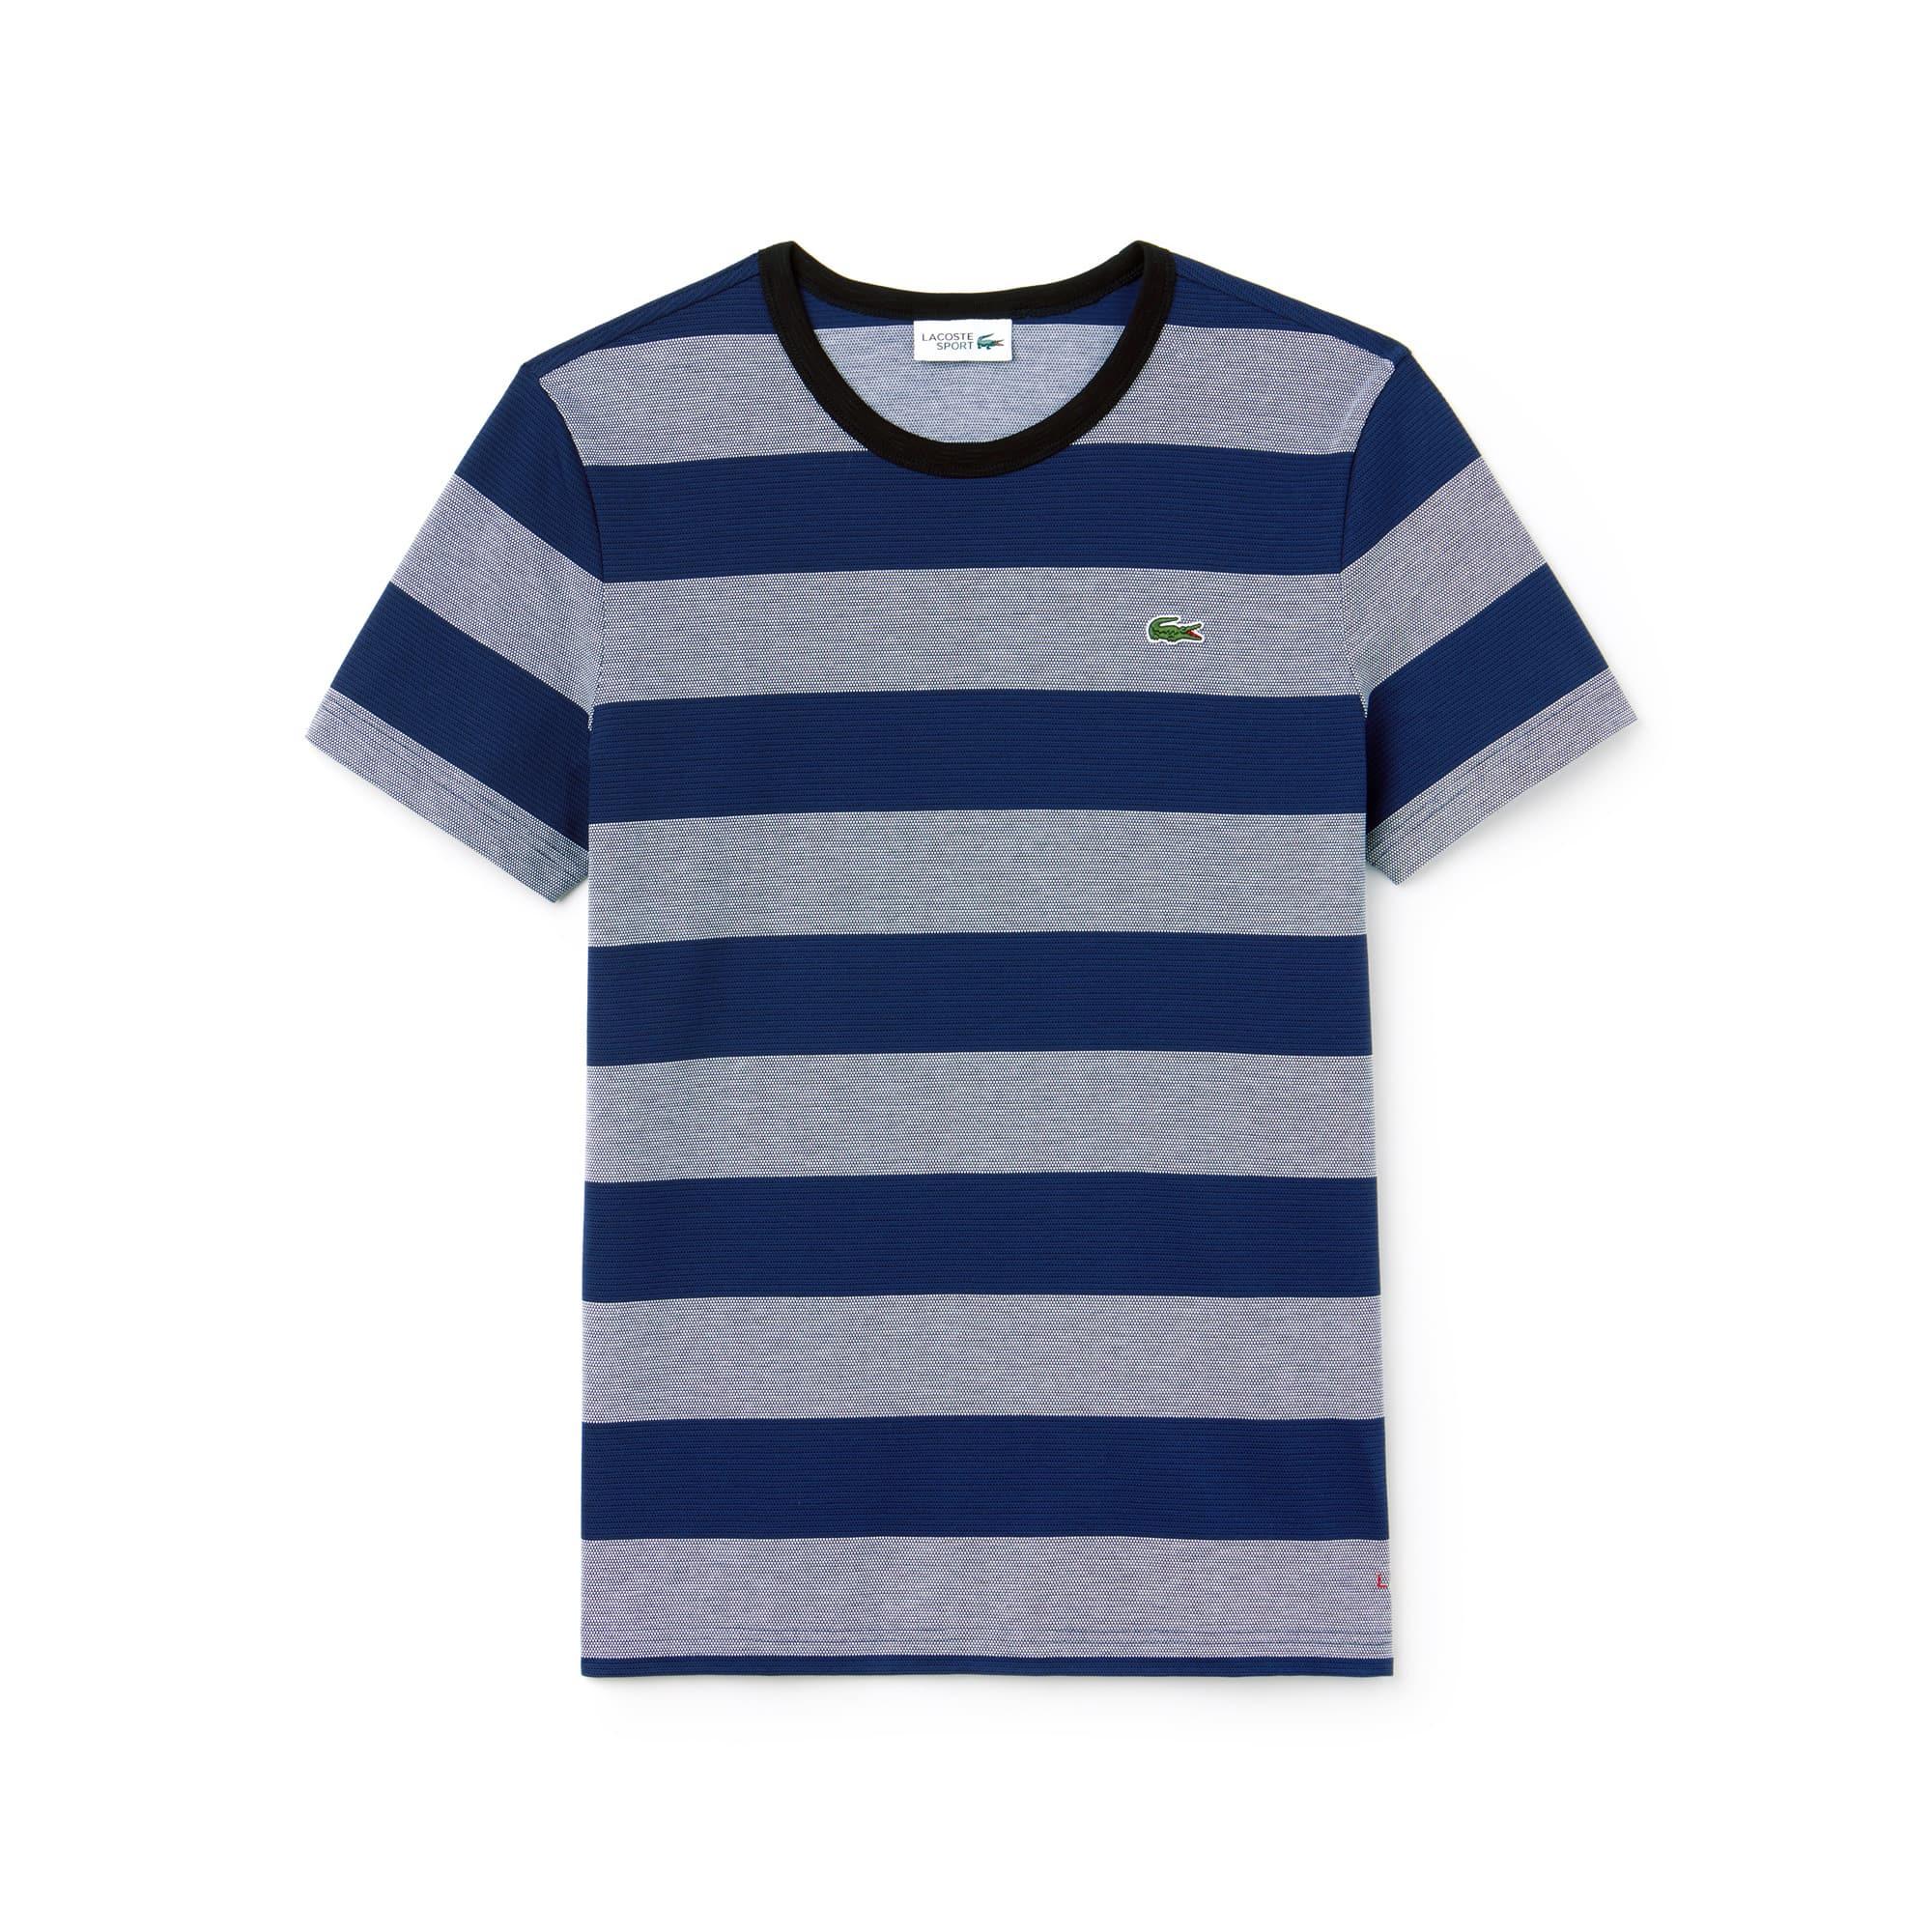 (남성) 라코스테 스포츠 크루넥 캐비어 코튼 스트라이프 티셔츠